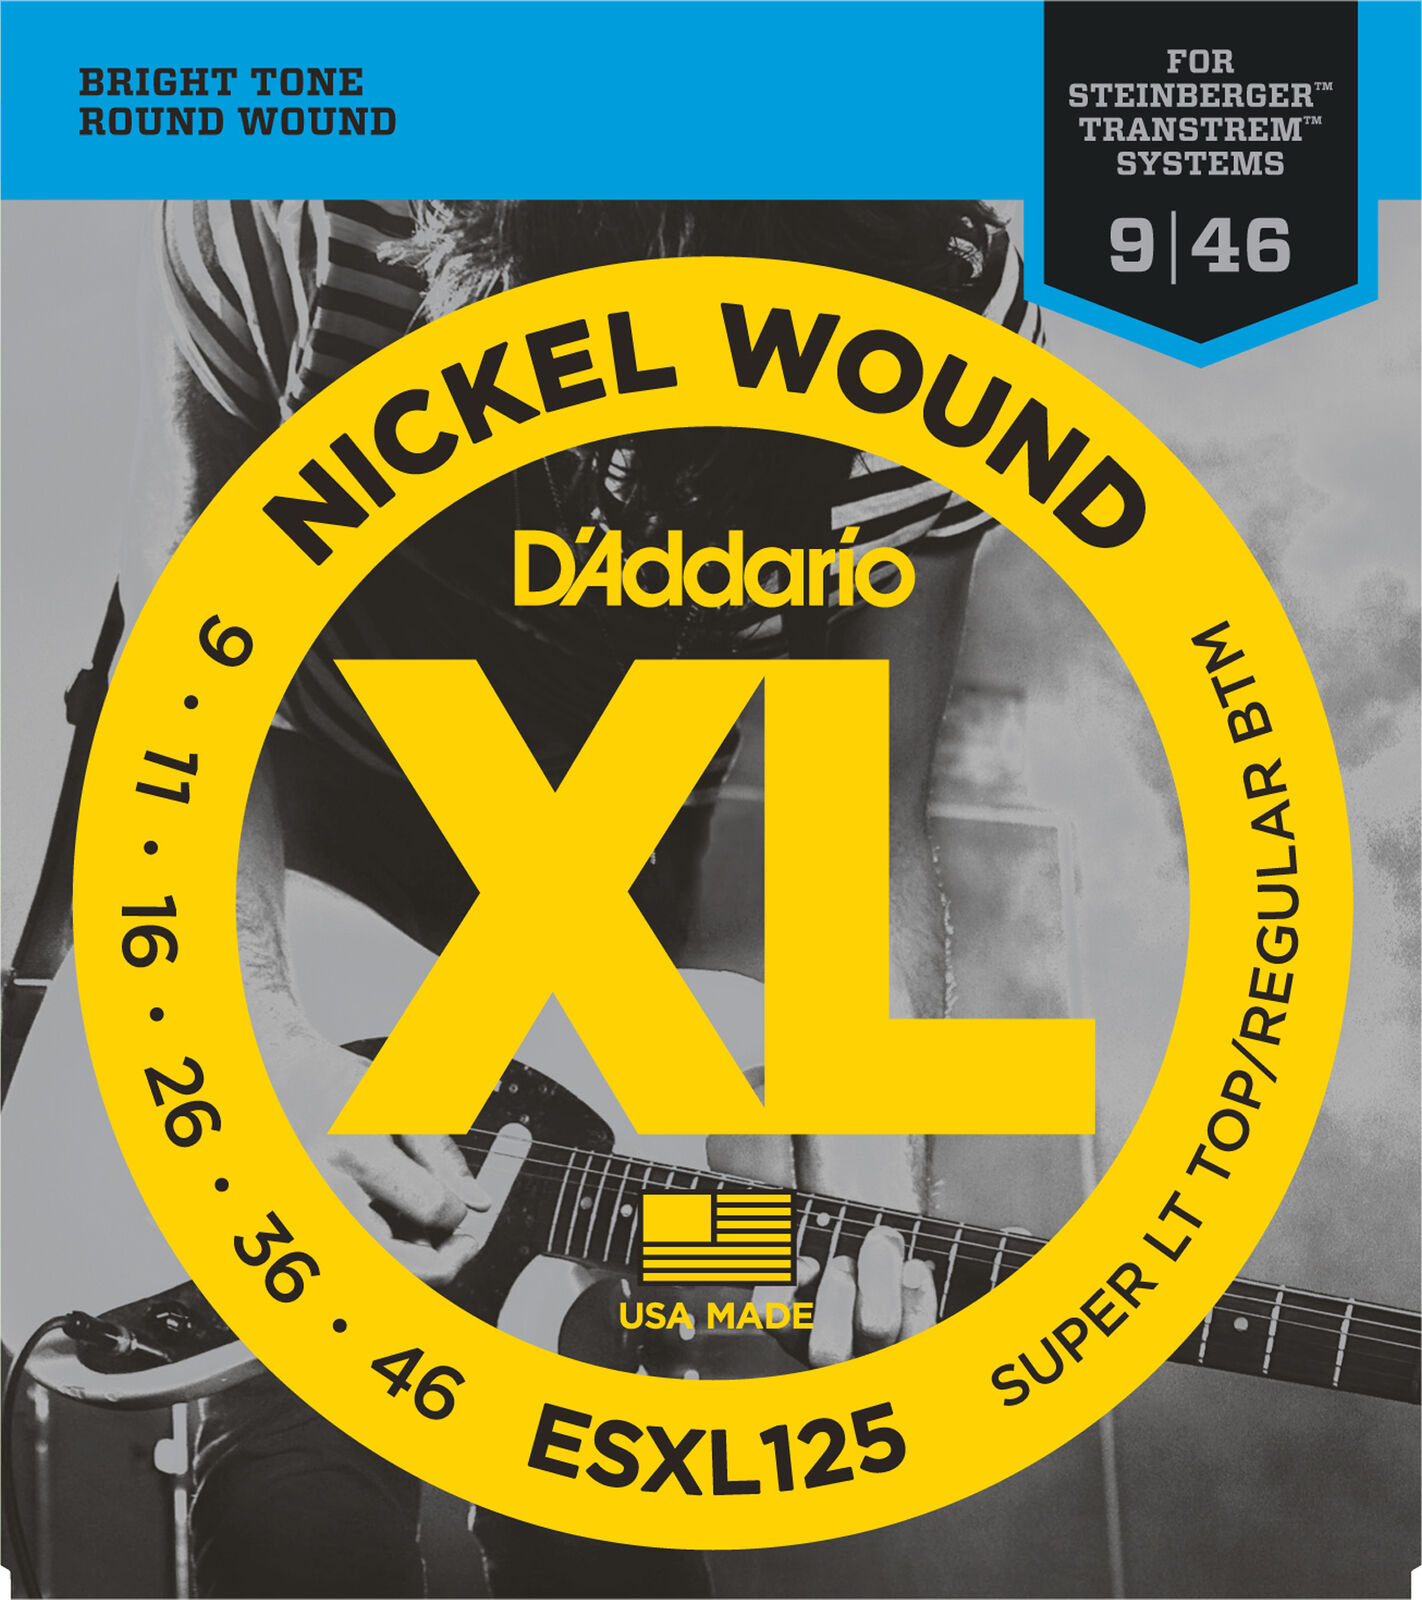 10 Juegos Cuerdas ESXL125 Doble Bola End Nickel Wound Super Lite Top Reg Fondo